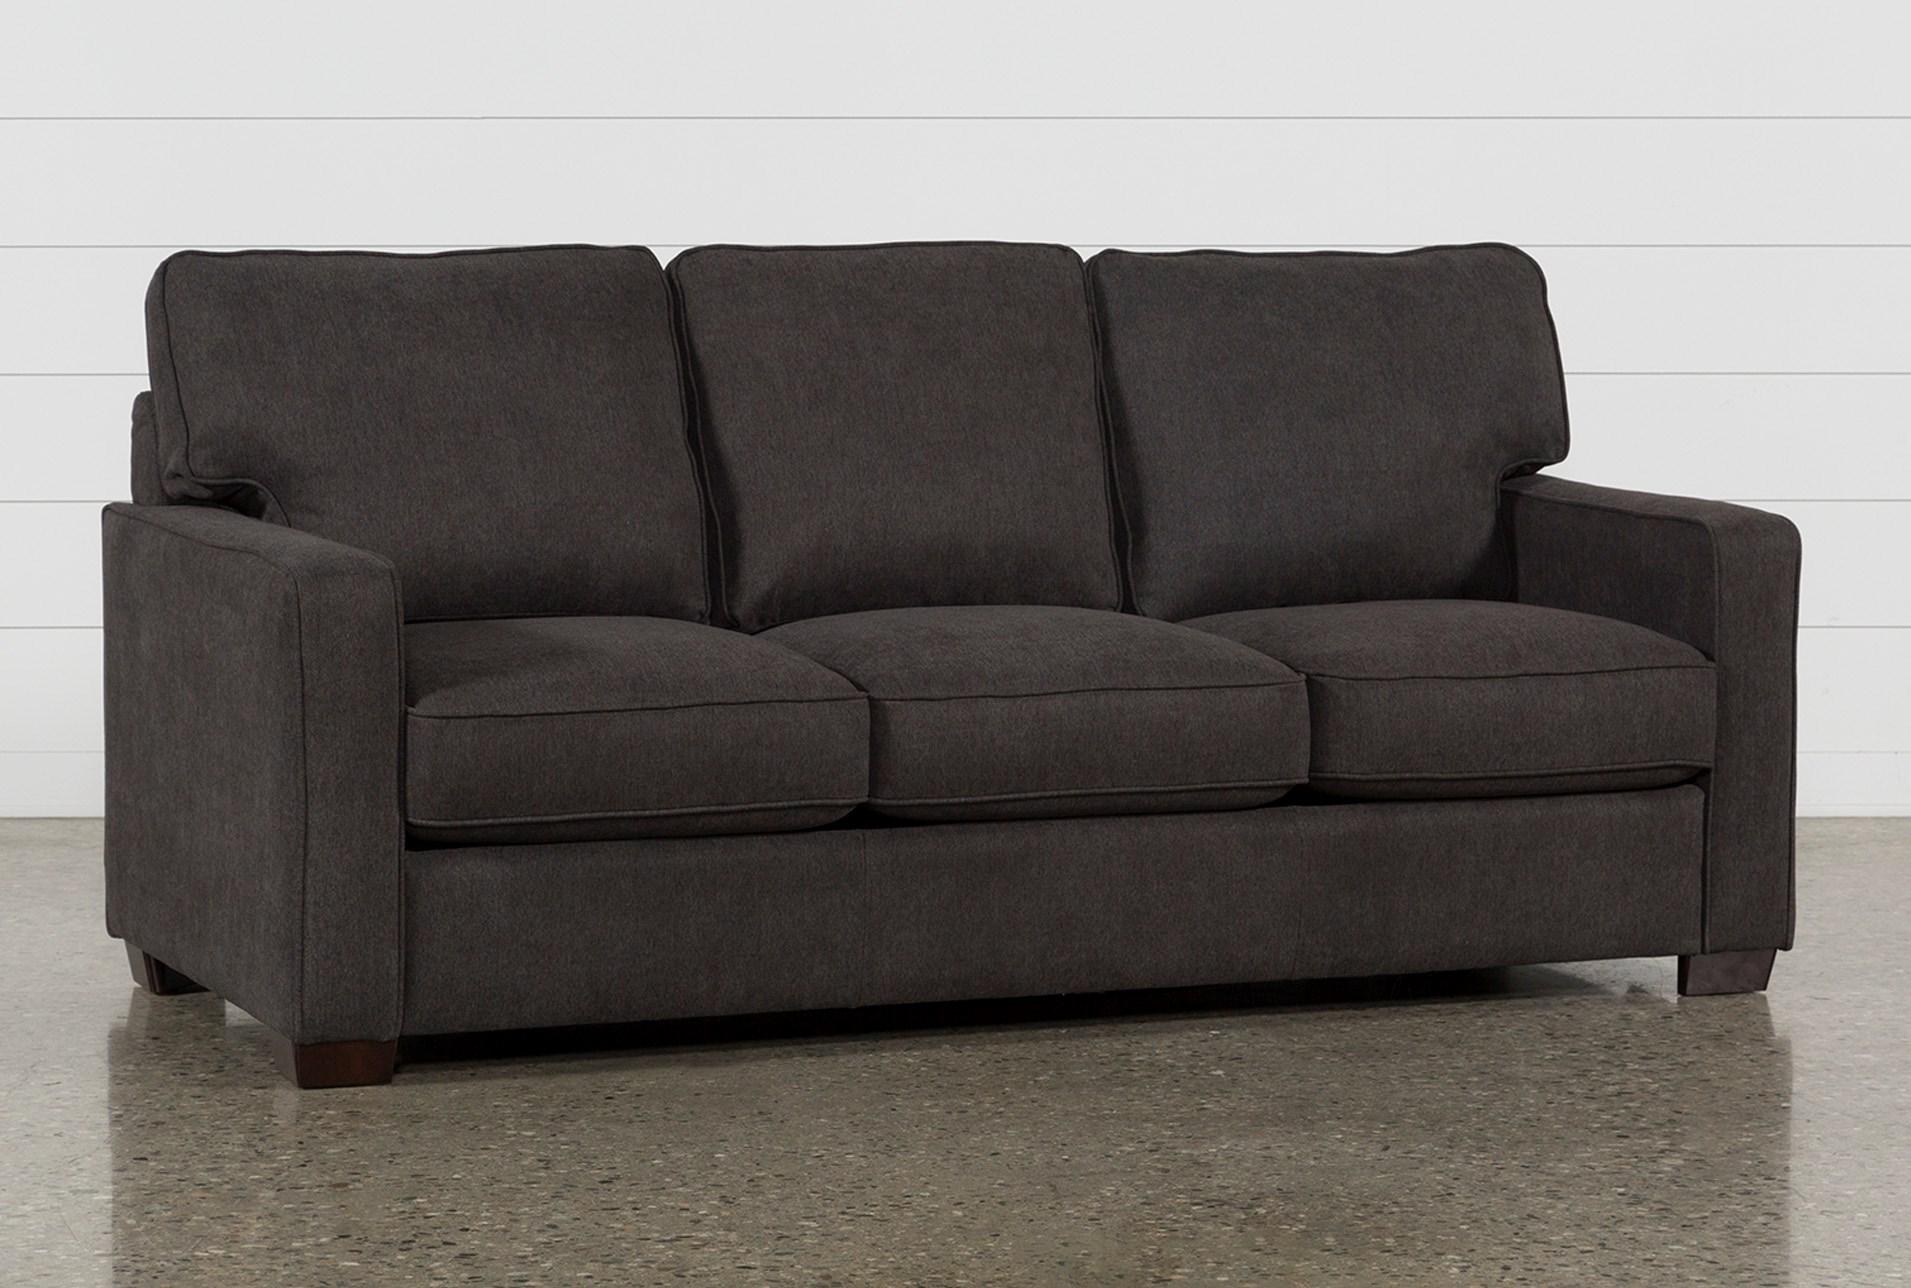 Morris Charcoal Full Sofa Sleeper